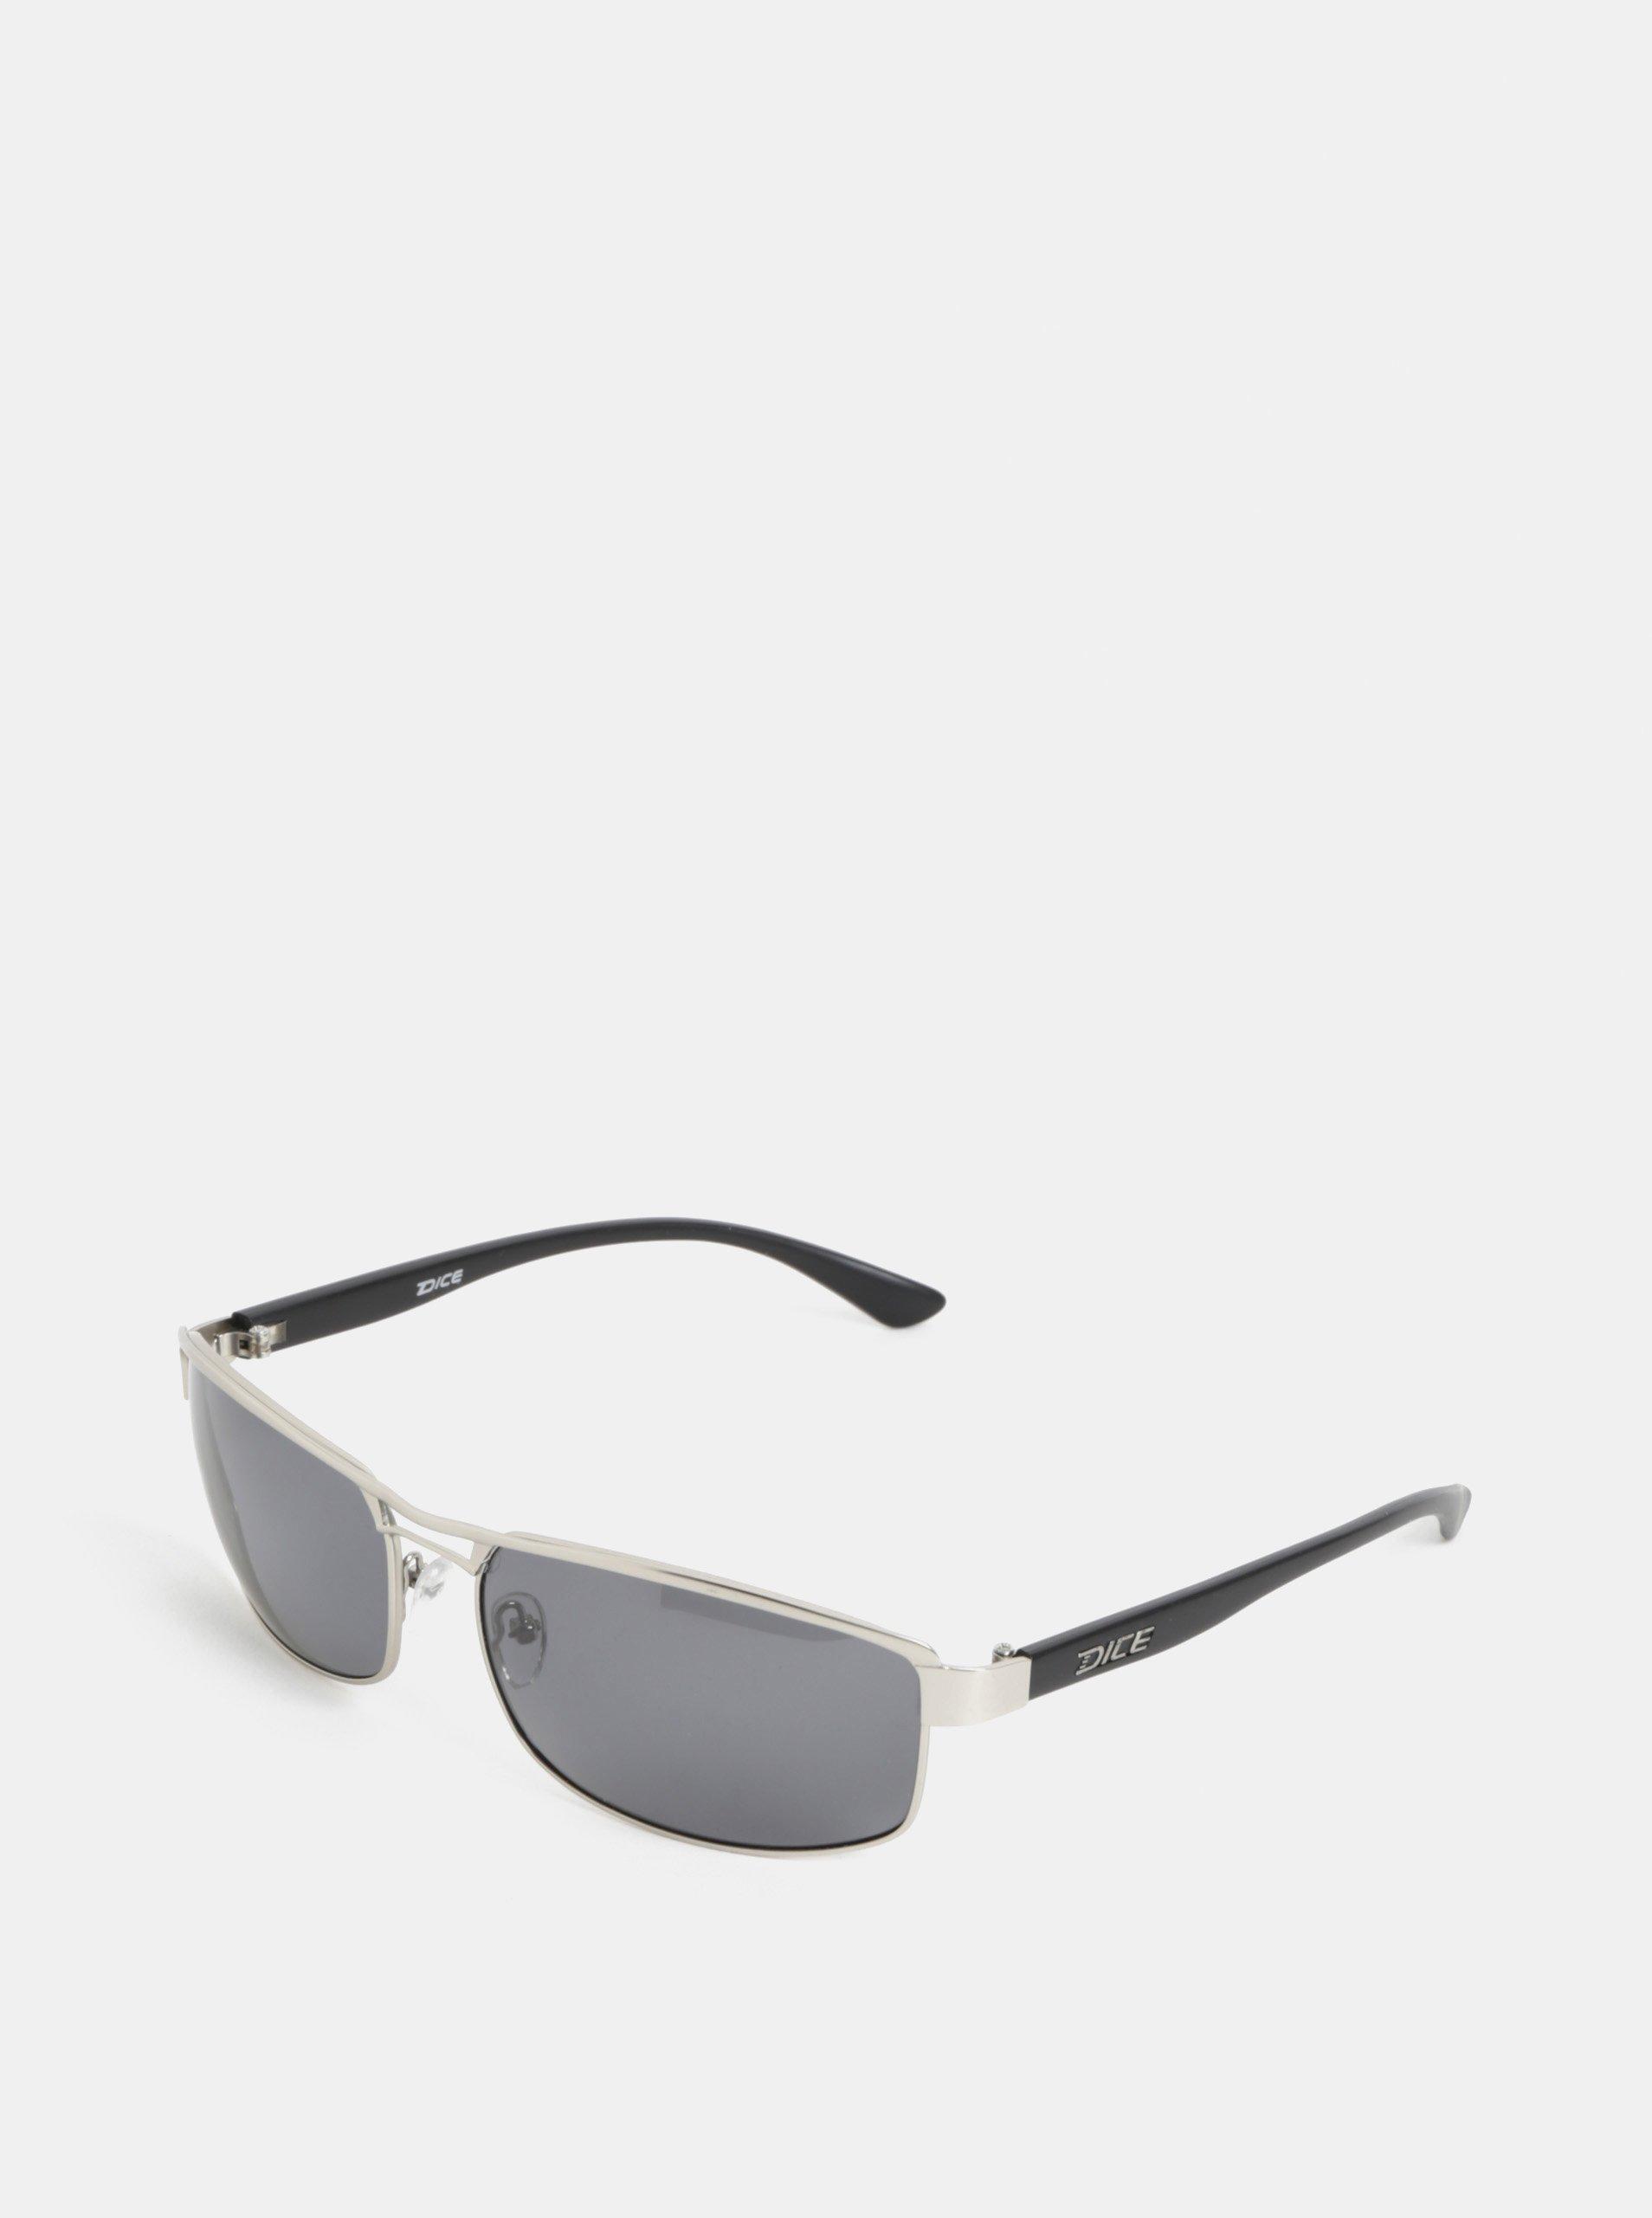 Pánské sluneční brýle ve stříbrné barvě Dice Arm Polar 3c86ed90846